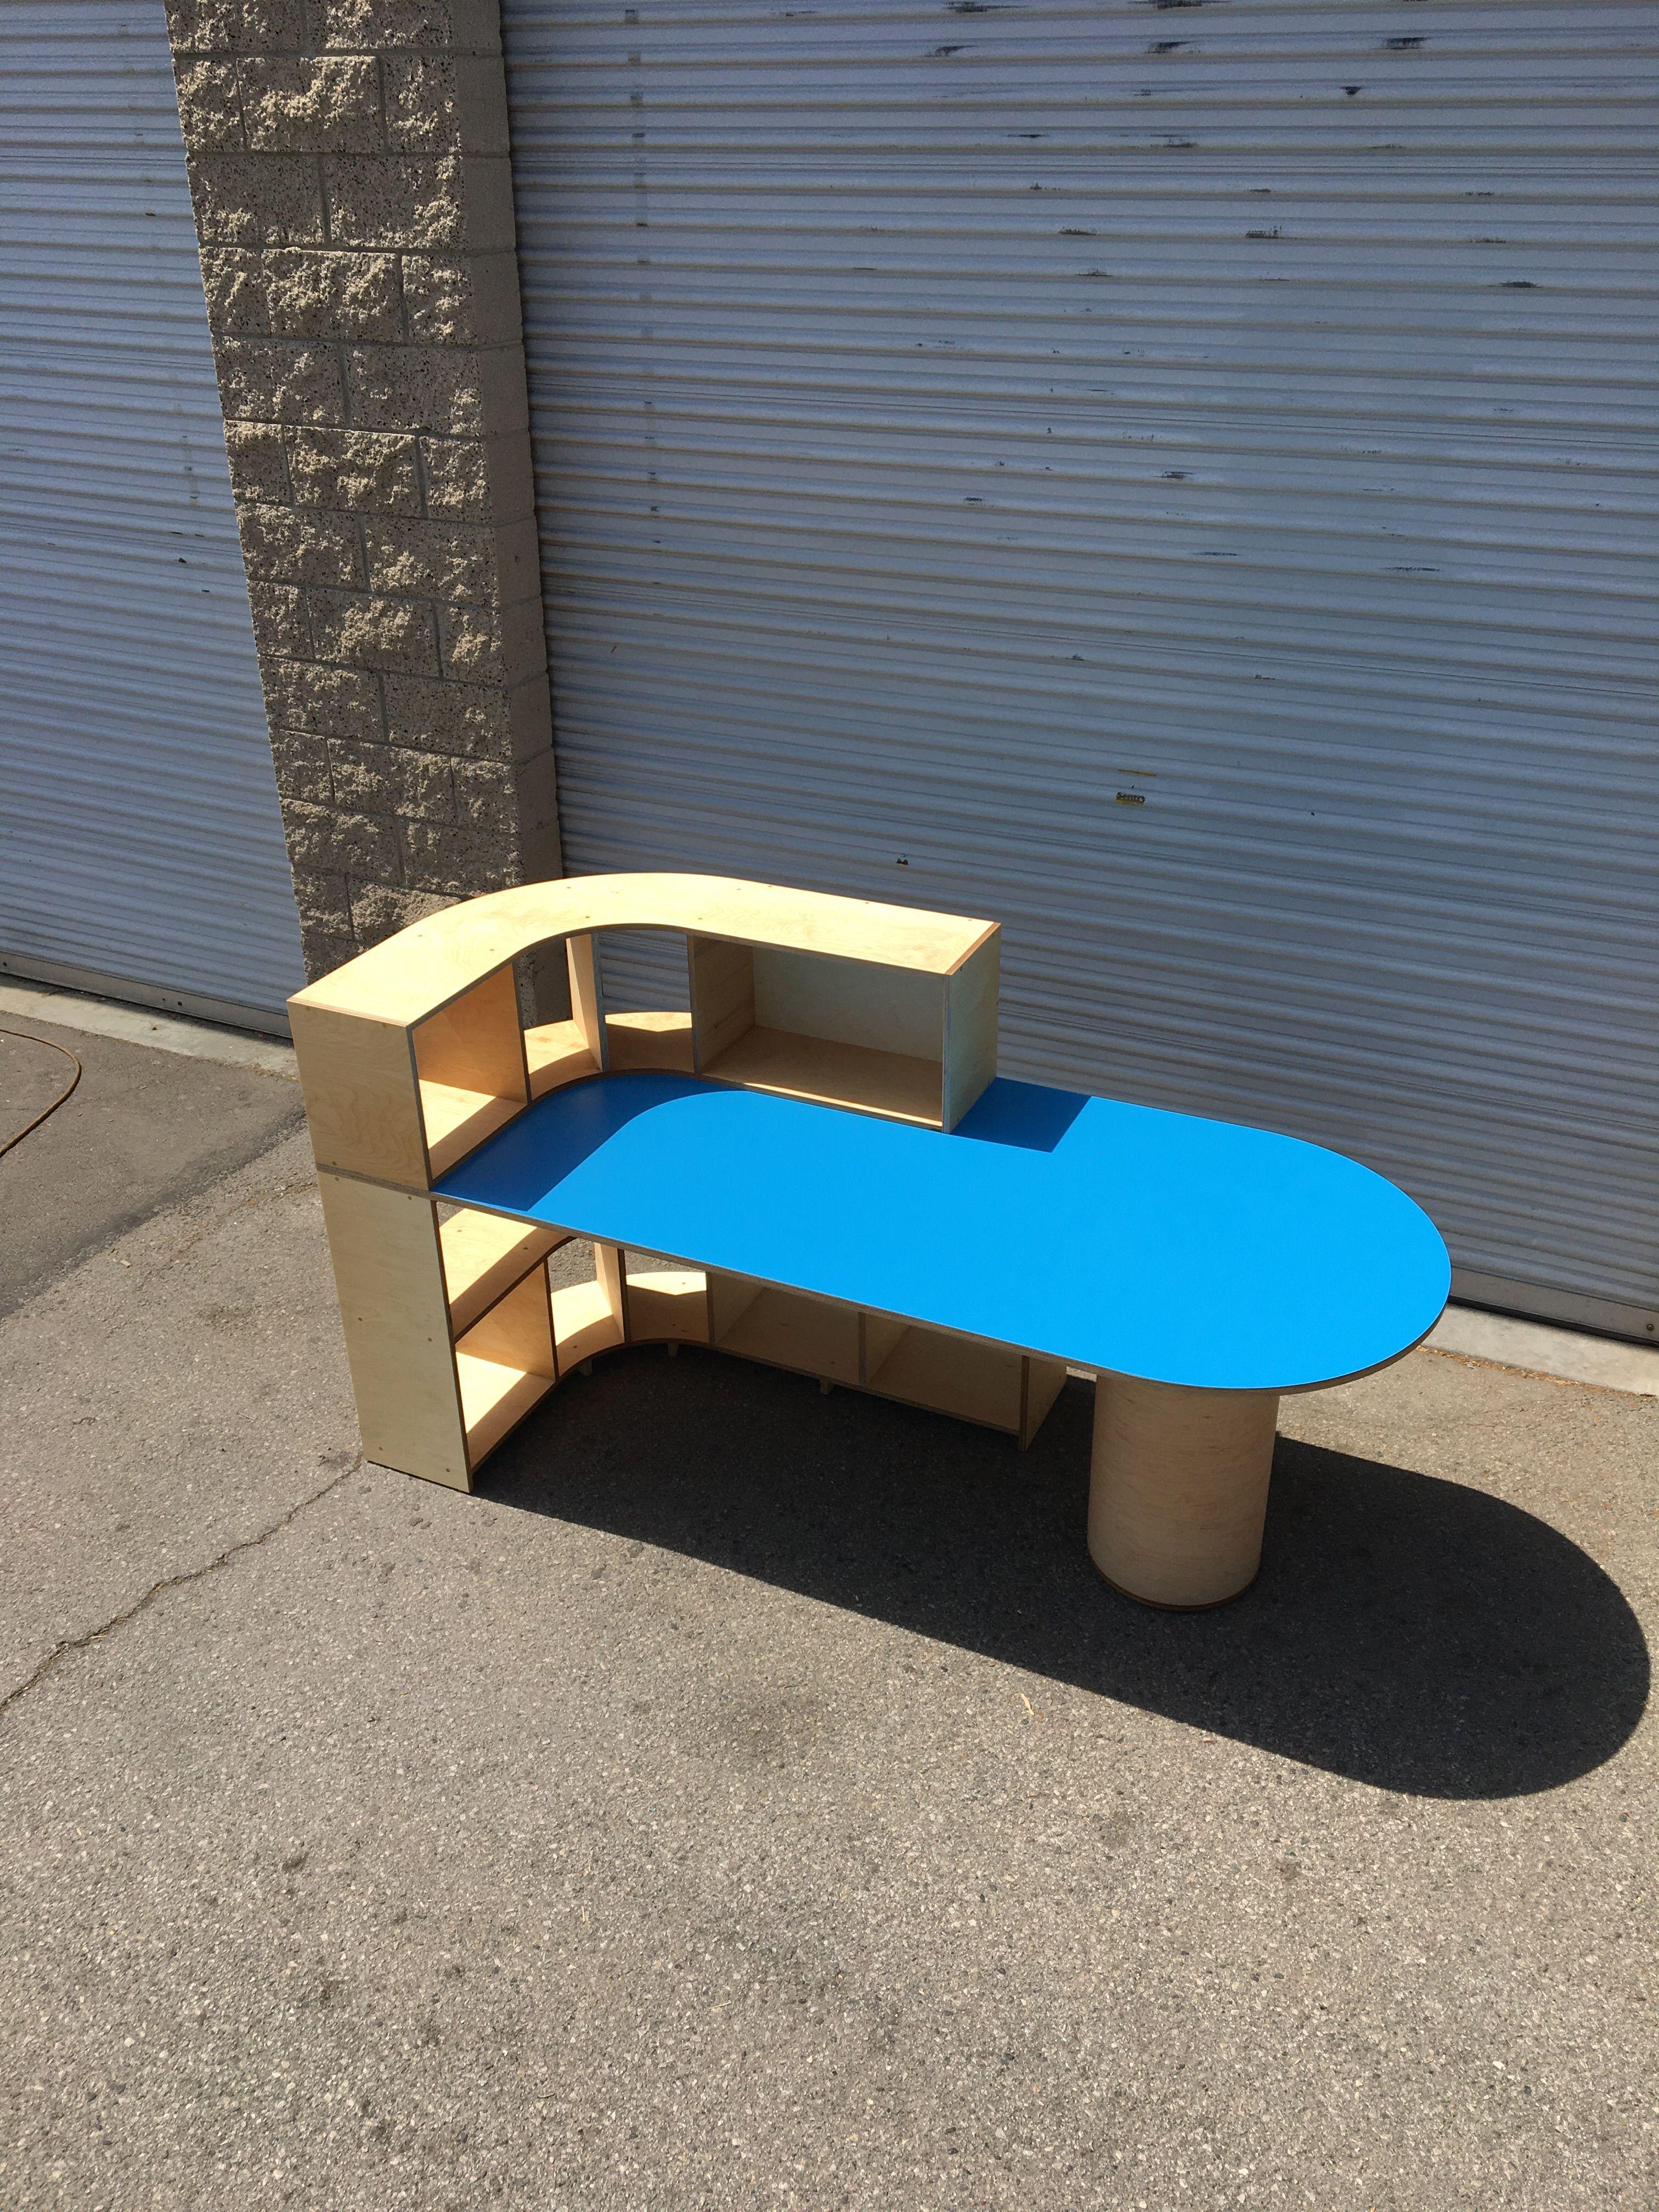 Executive Desk - Misu A Barbe  product image 5